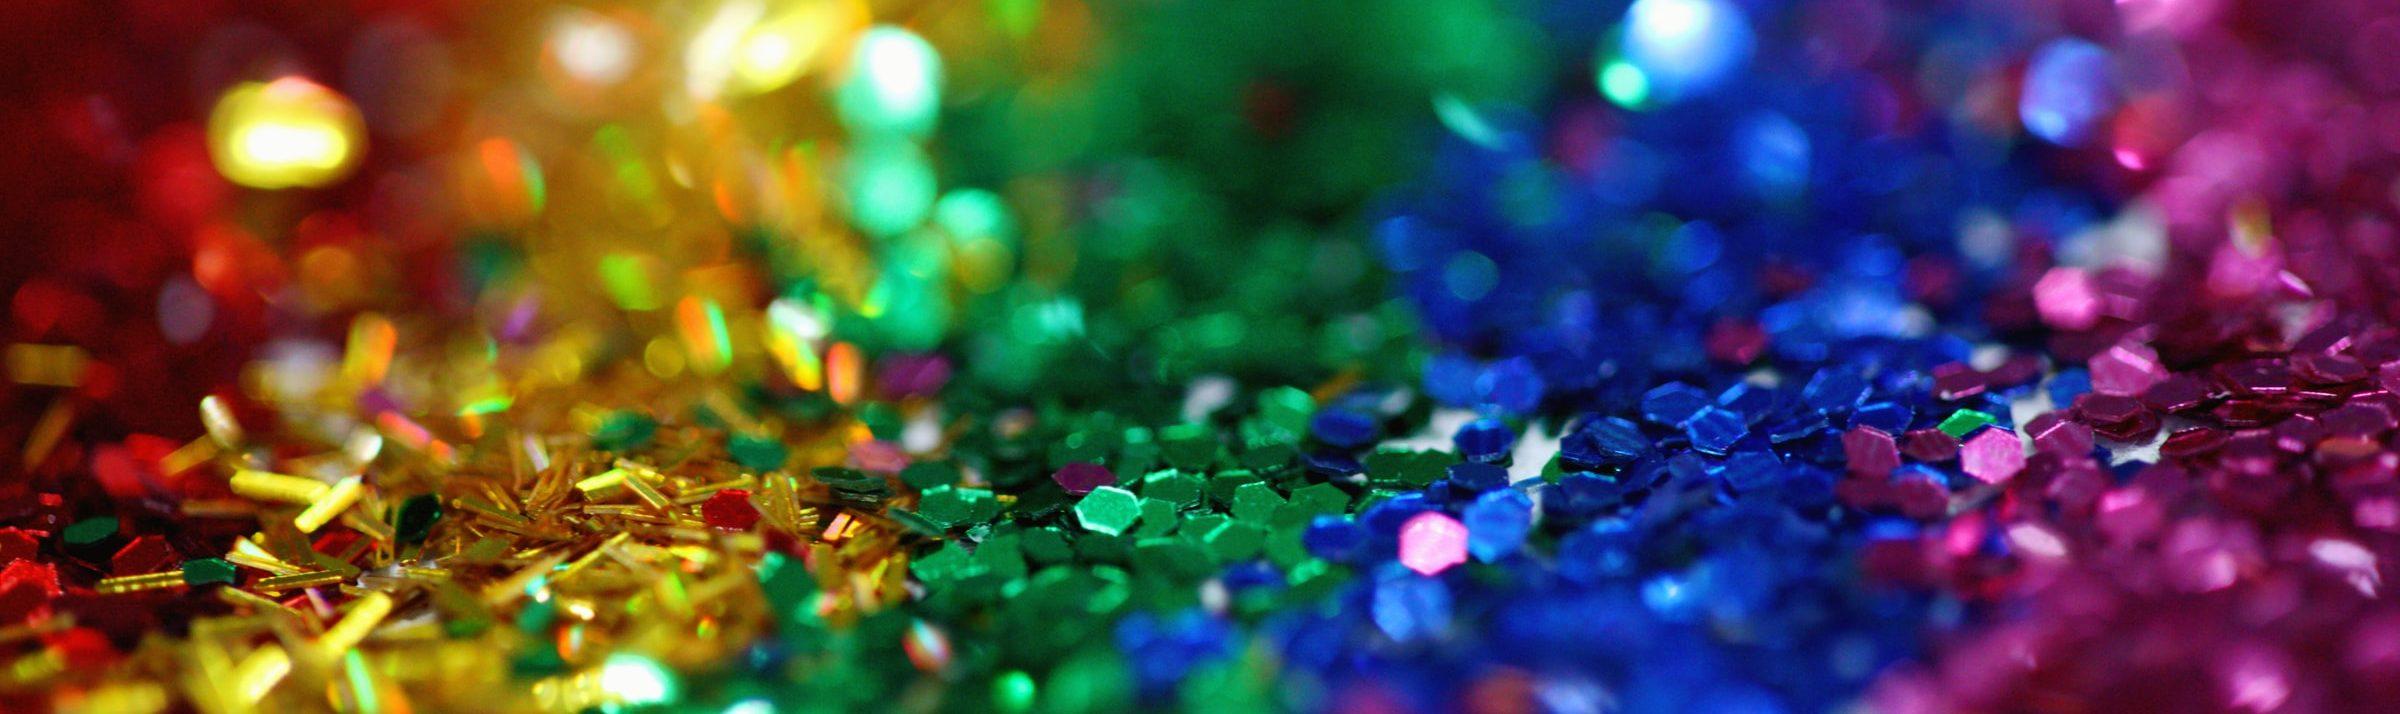 Picture of rainbow confetti.